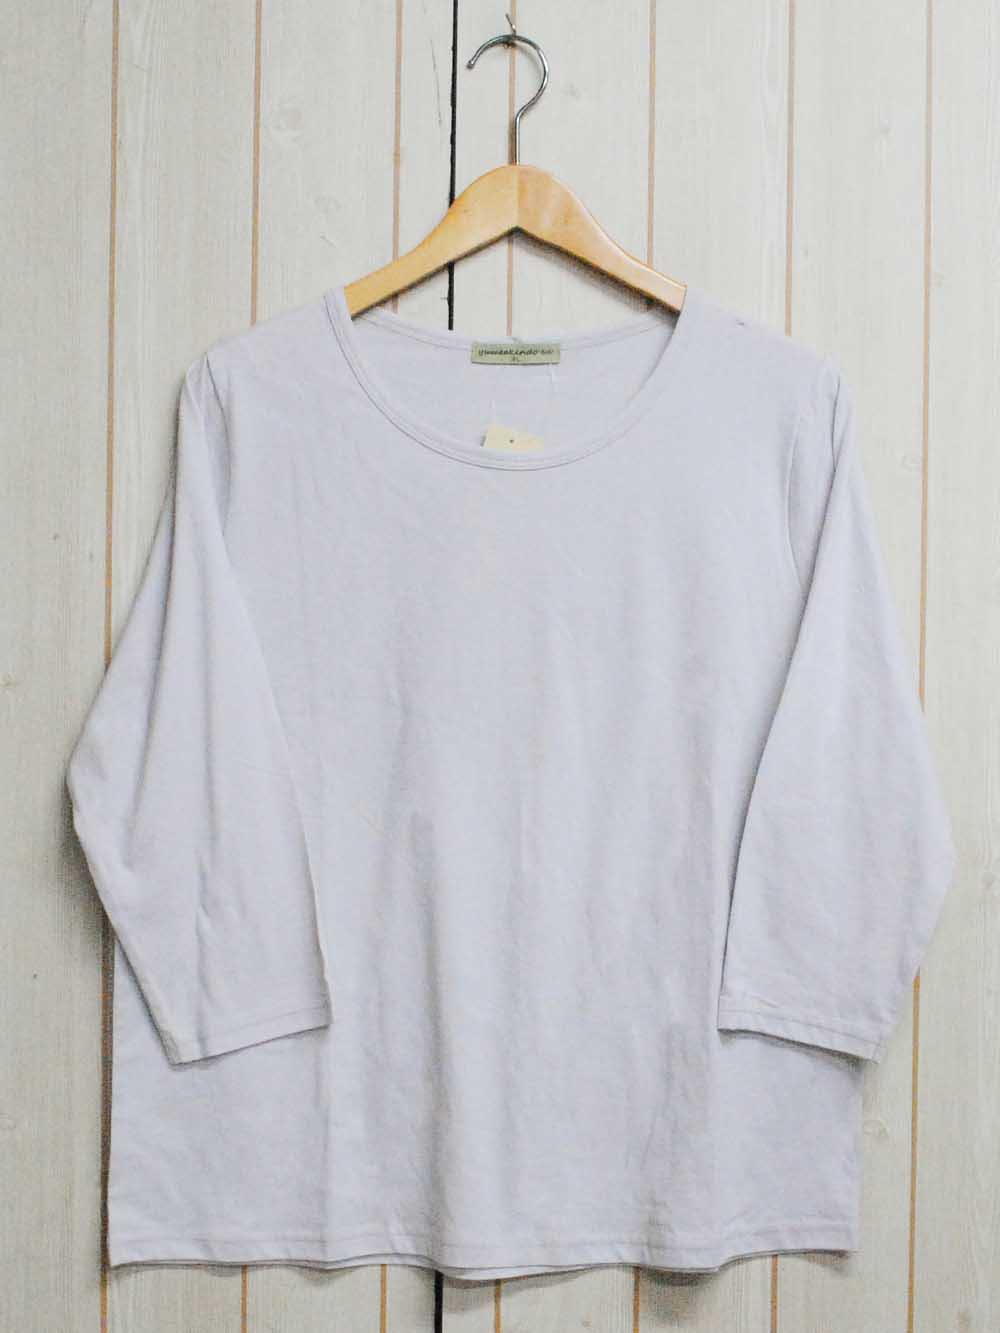 【93%OFF】@199円■10枚セット■Uネック 長袖Tシャツ